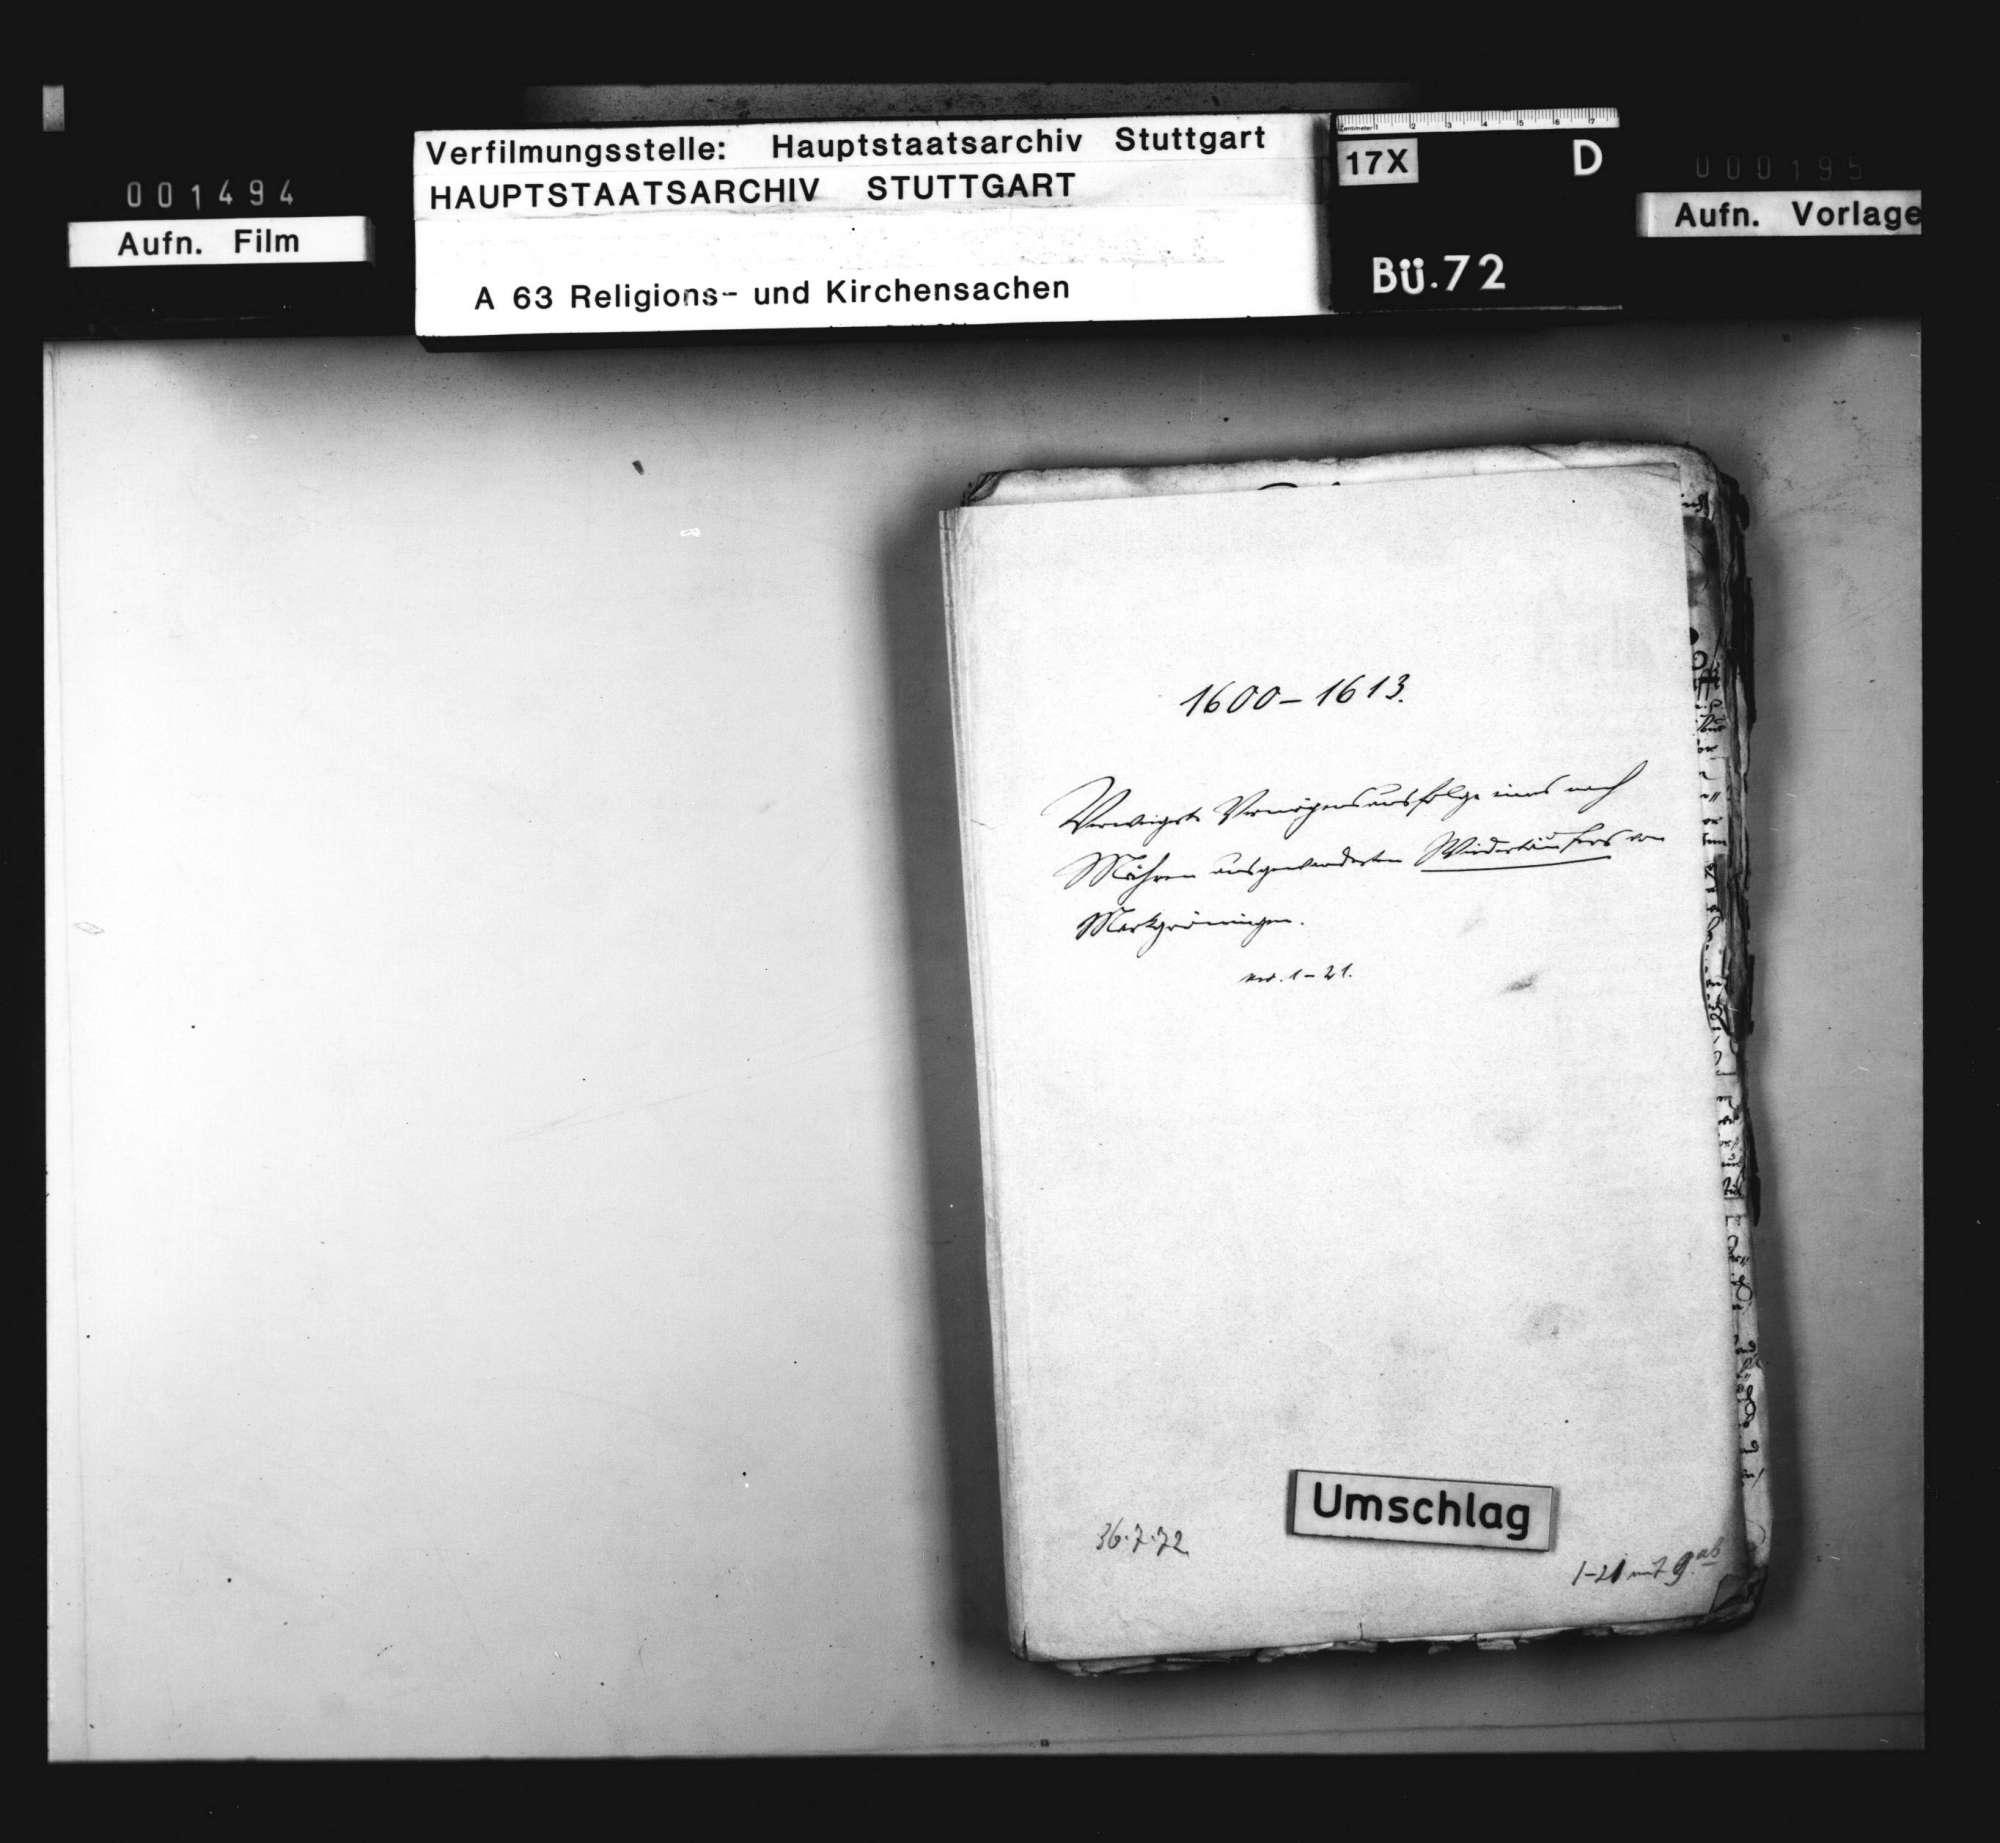 Schriften, betreffend die Verweigerung der Vermögensausfolge an einen nach Mähren ausgewanderten Wiedertäufer [Sebastian Dietrich aus Markgröningen]., Bild 1